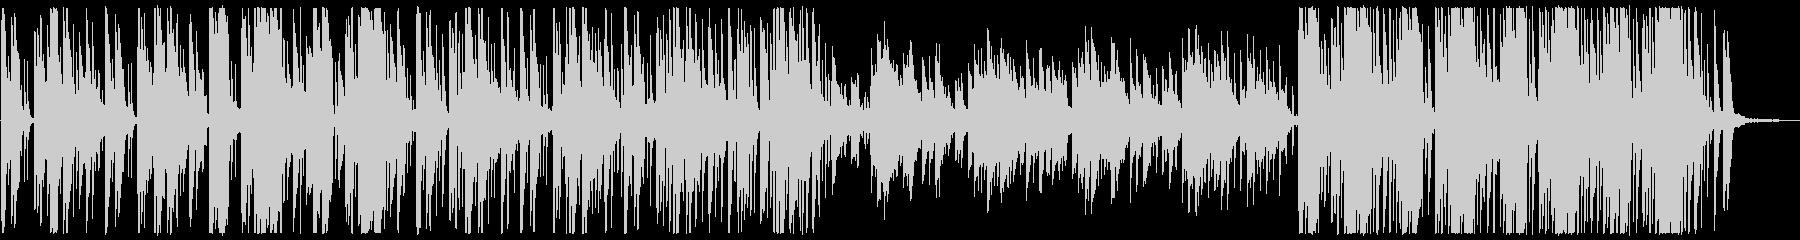 神秘的なオリエンタルBGM(自然音あり)の未再生の波形